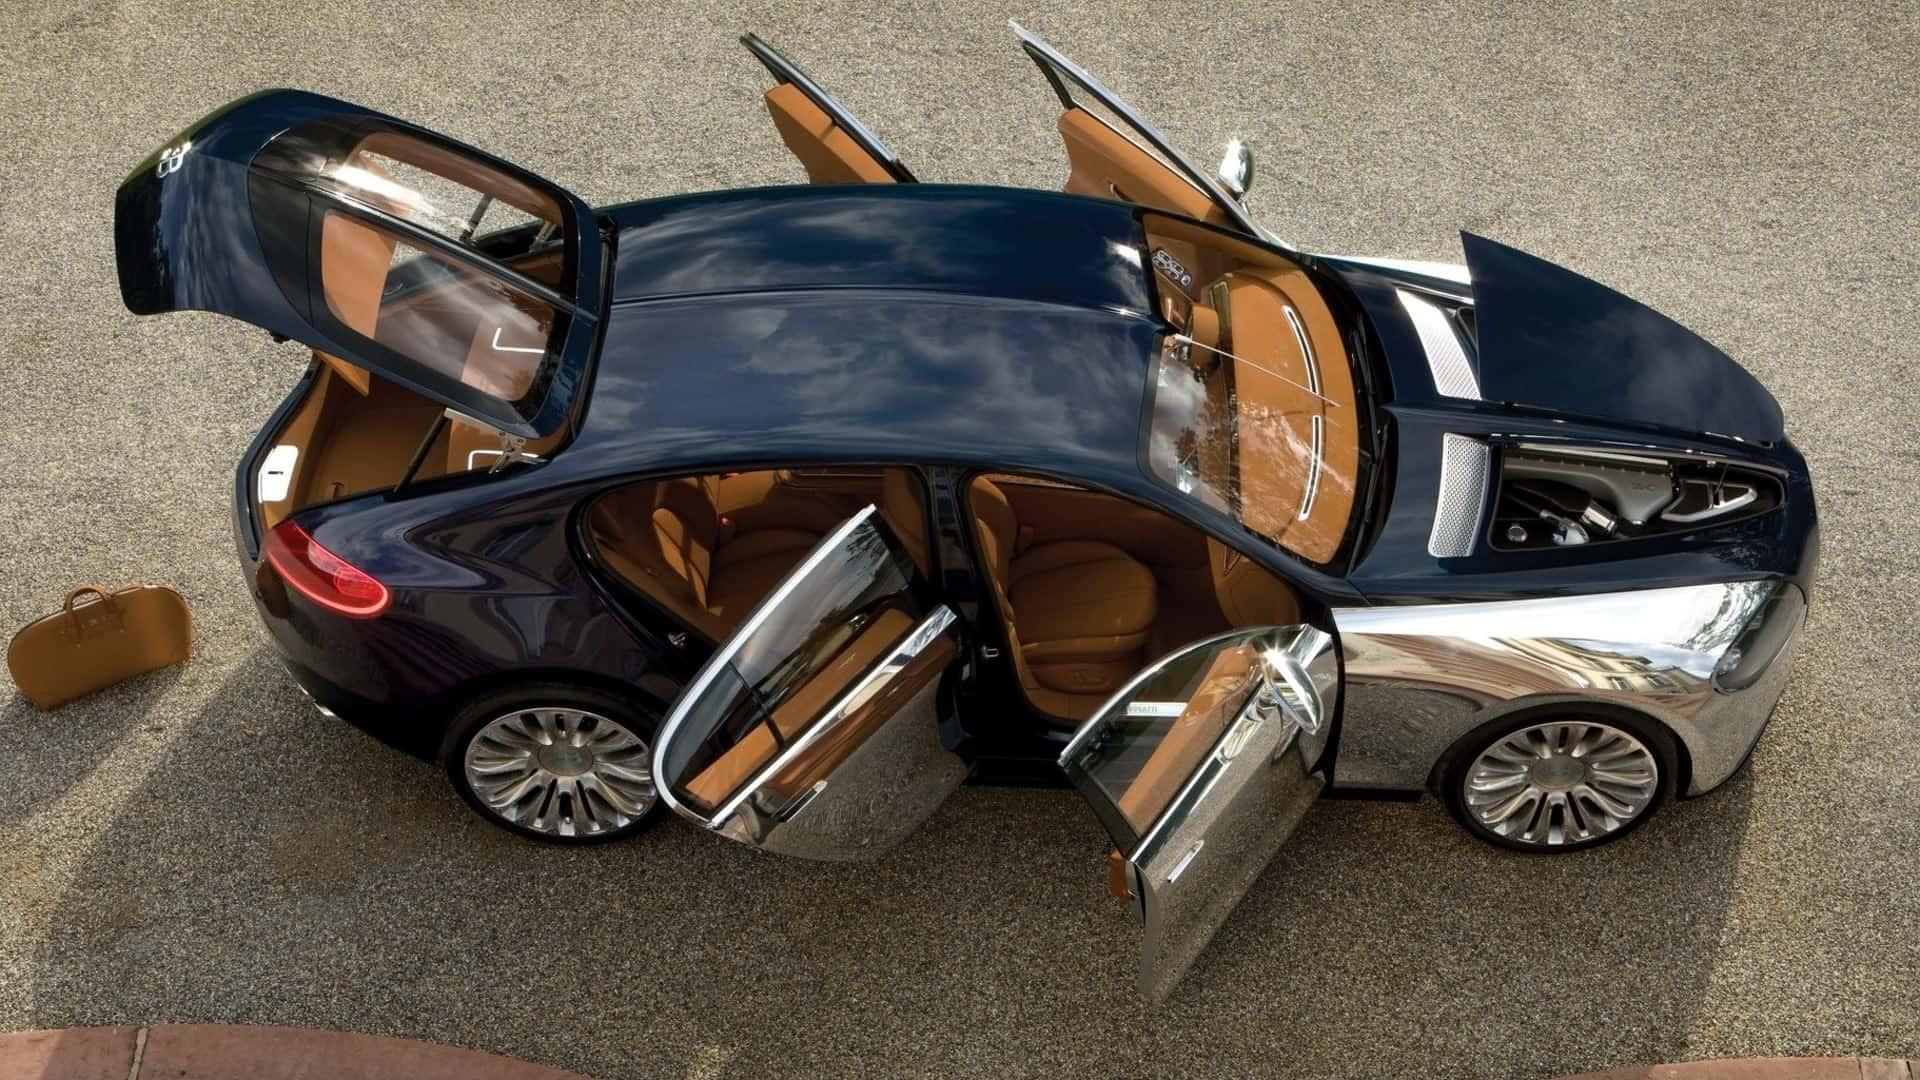 سيارة بوغاتي رويال الكهربائية ستكون الأسم القادم من شركة بوغاتي